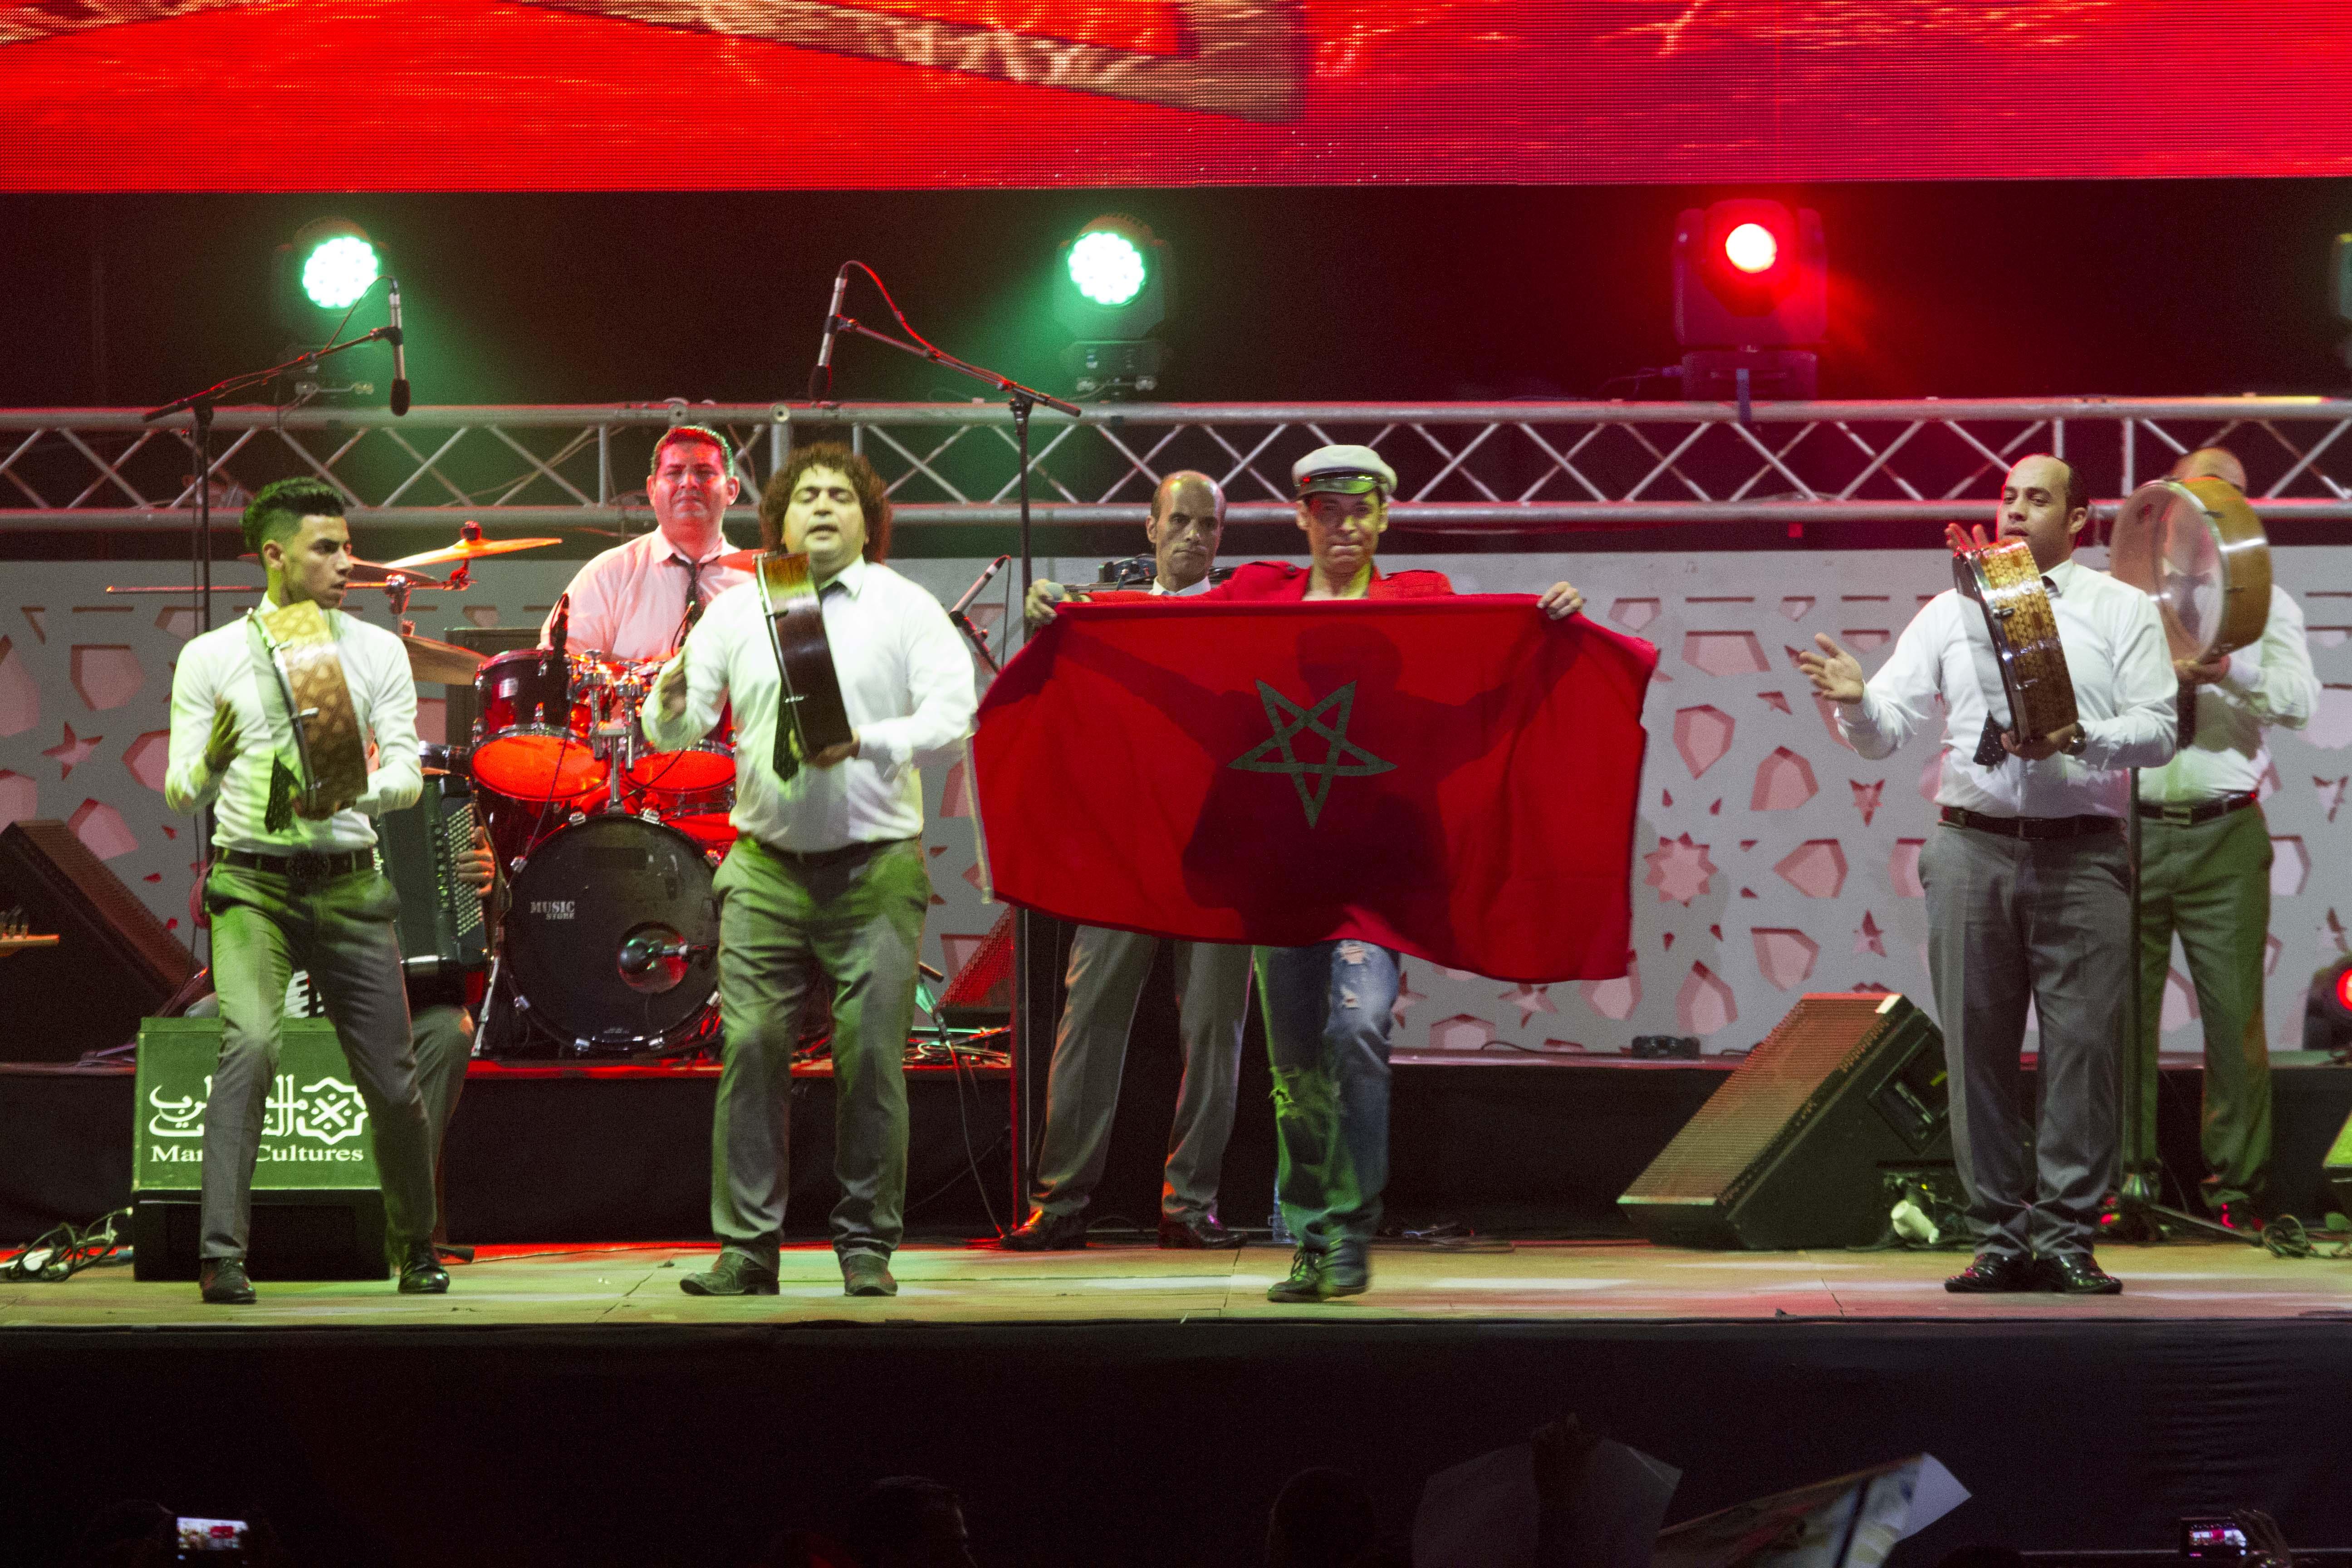 Maroc culture_236